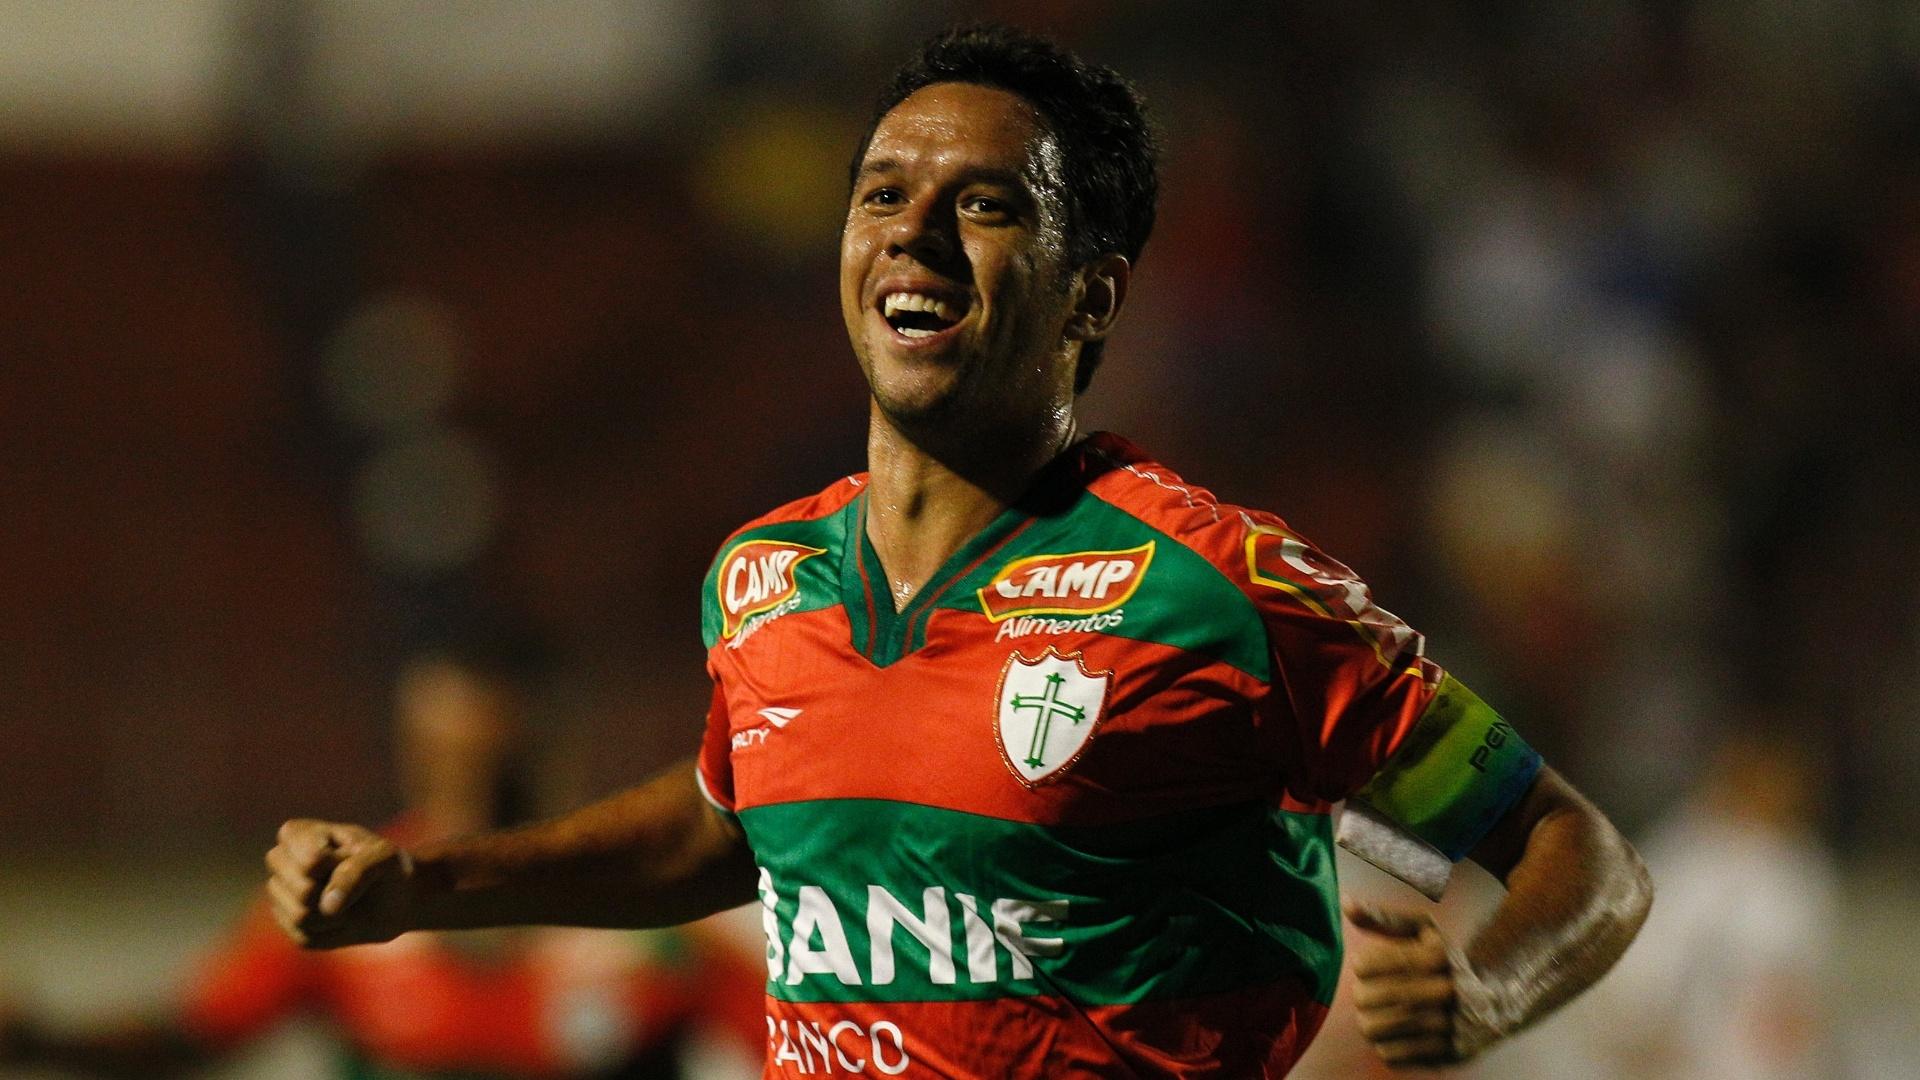 Marco Antônio vibra após arriscar de fora da área e macar belo gol para a Lusa contra o Sport